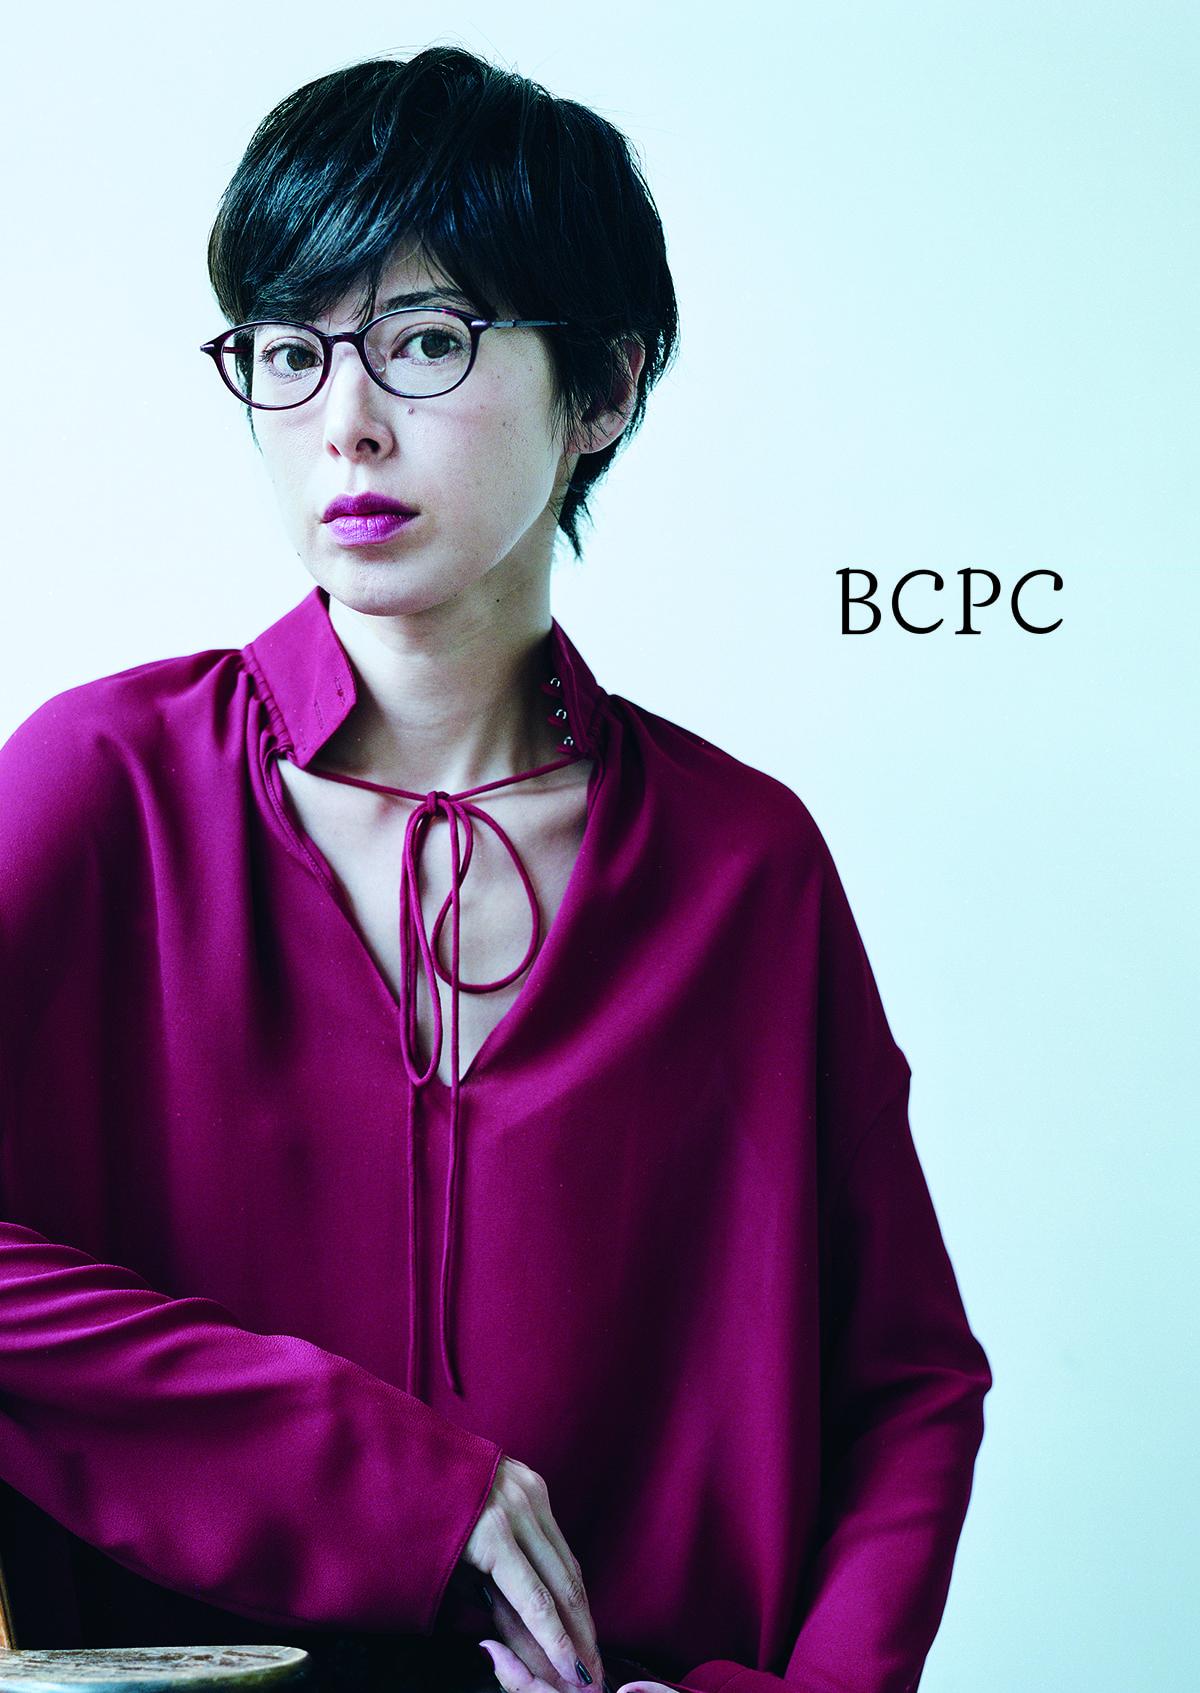 BCPC 「モードで楽しむ」